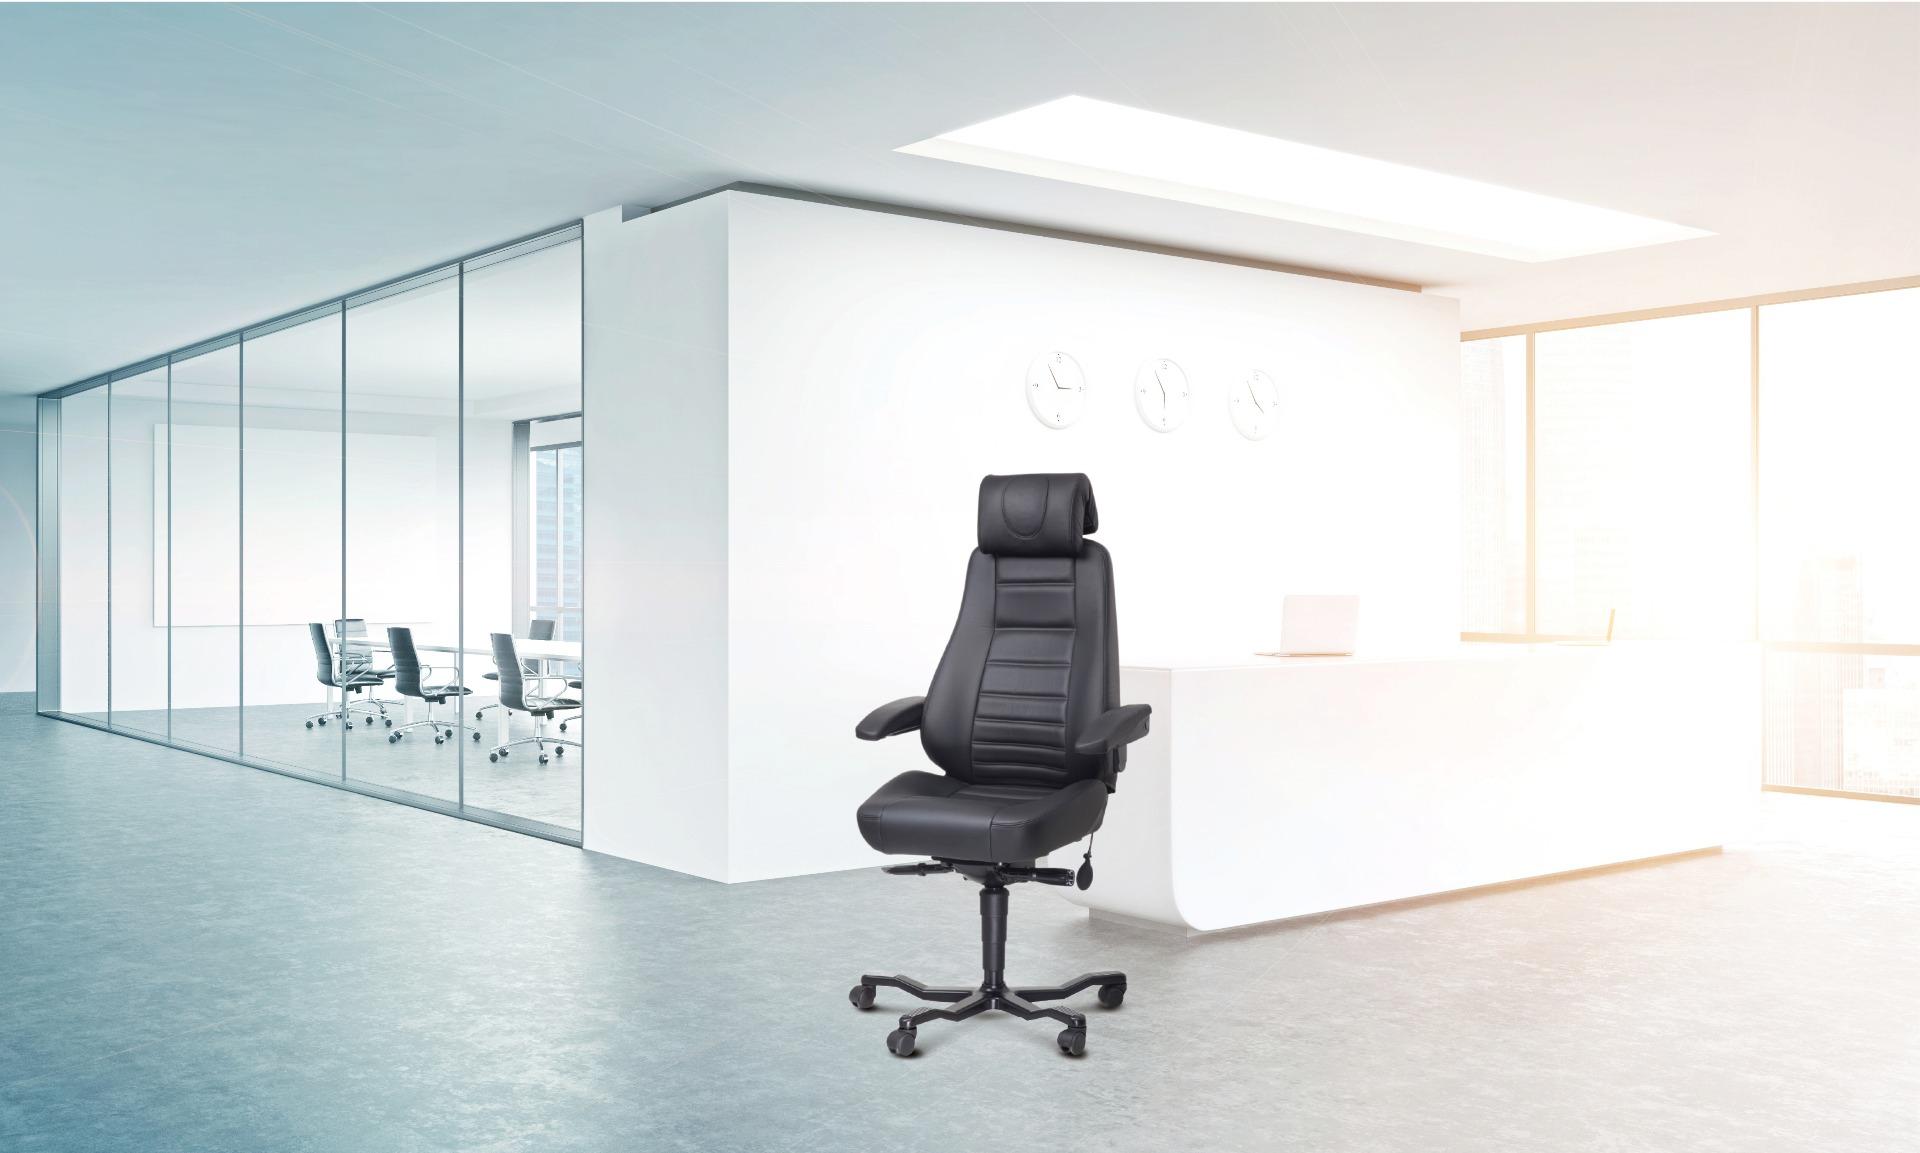 כיסא מחשב, לא רק במשרד - תמונה מספר 1